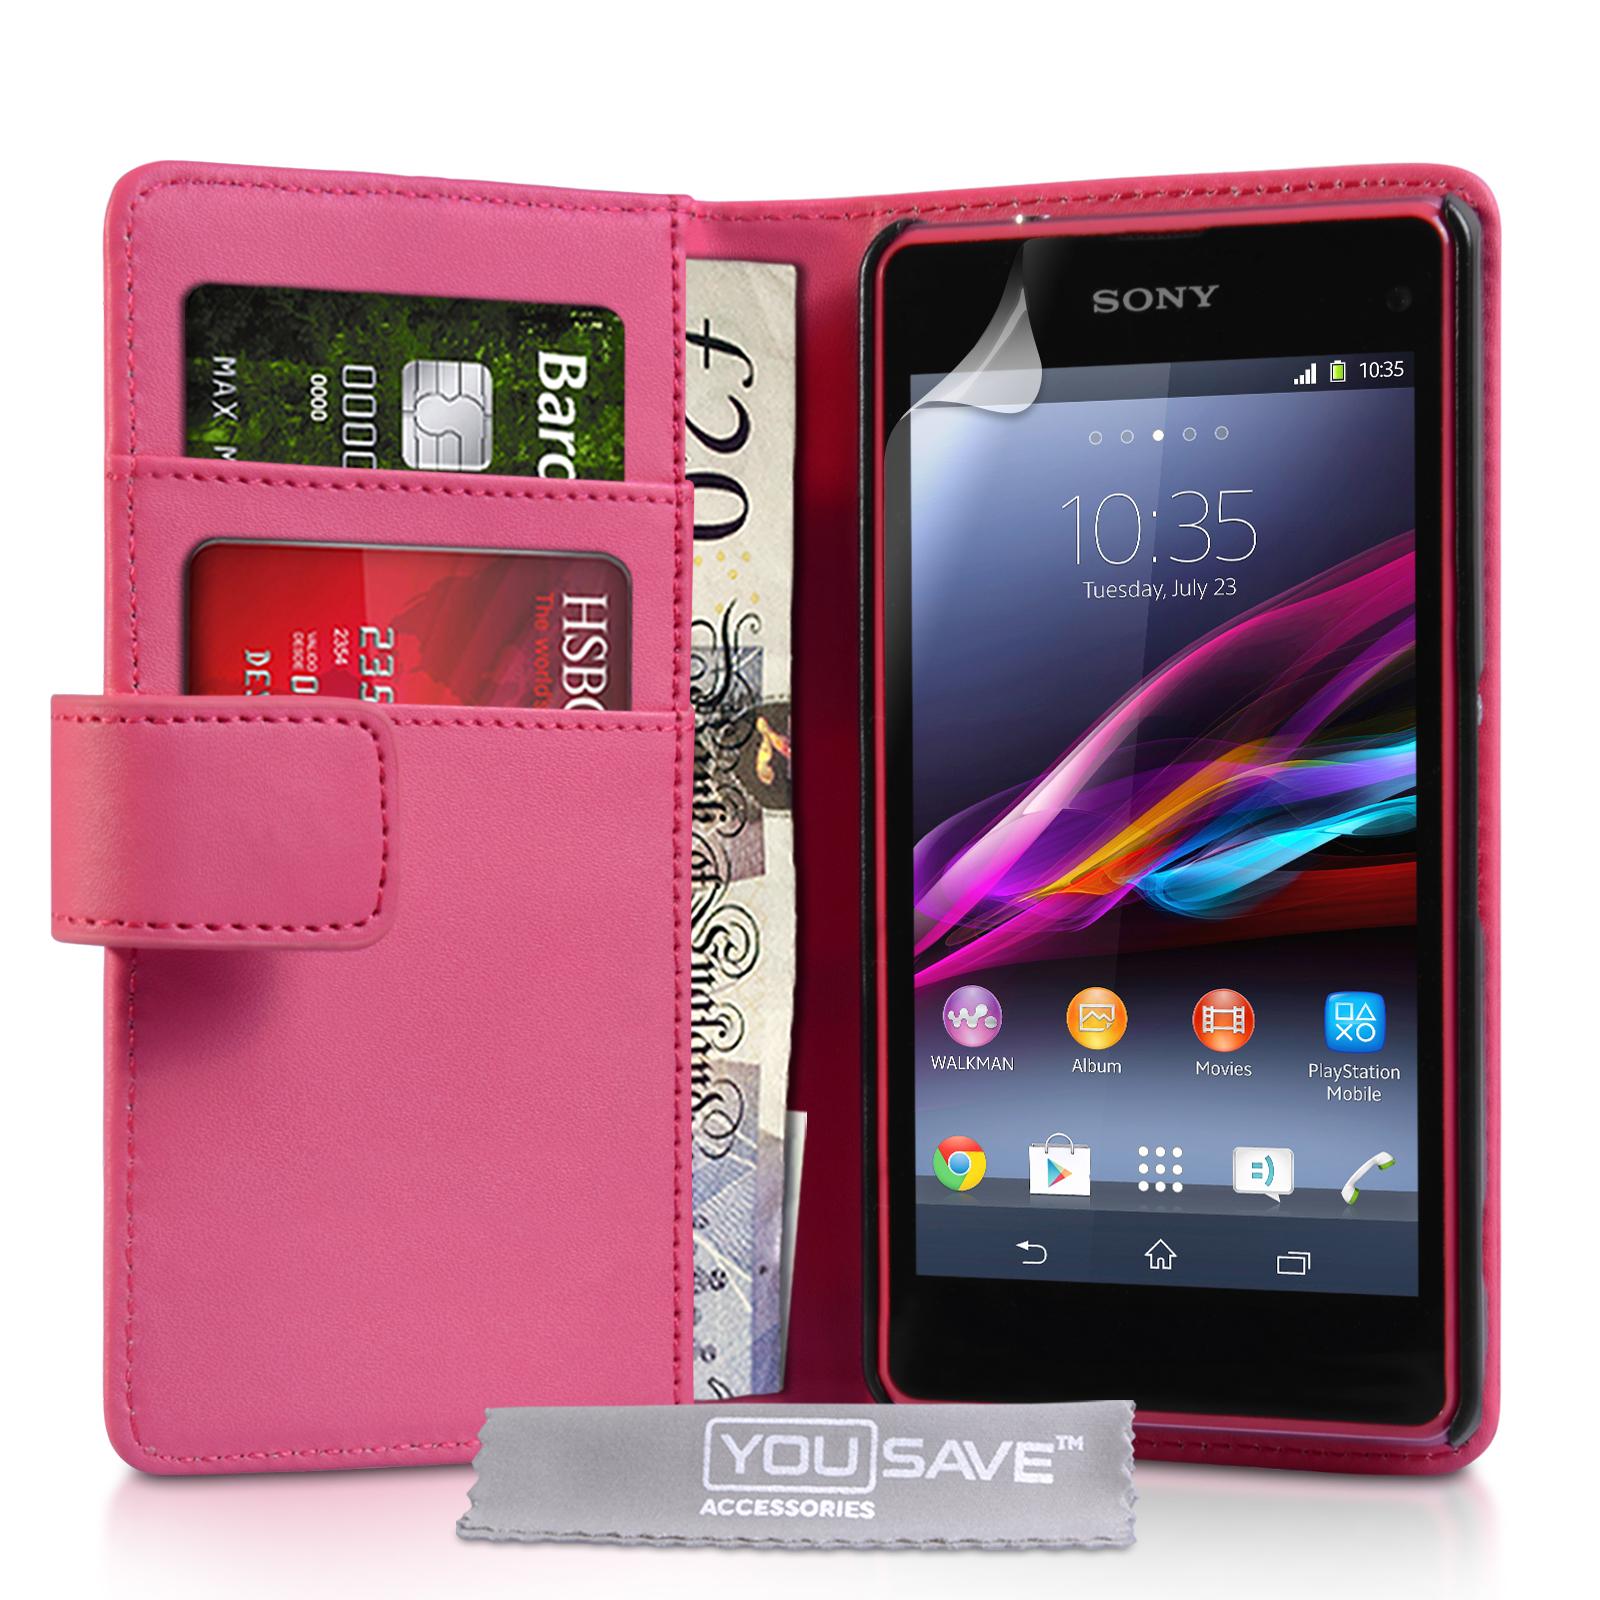 Θήκη Sony Xperia Z1 Compact - Πορτοφόλι by YouSave (Z930)